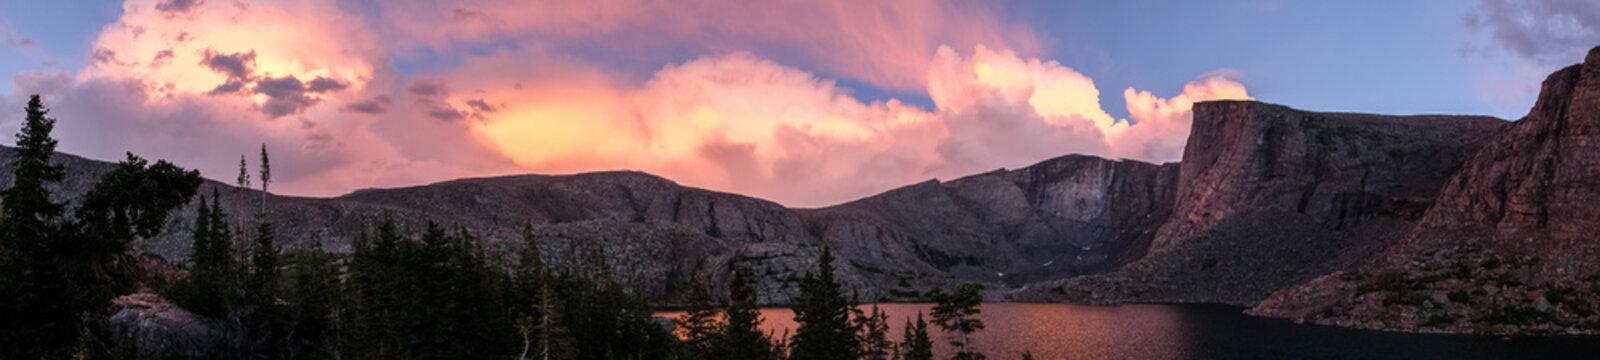 Panorama of pink sunset on mountain lake